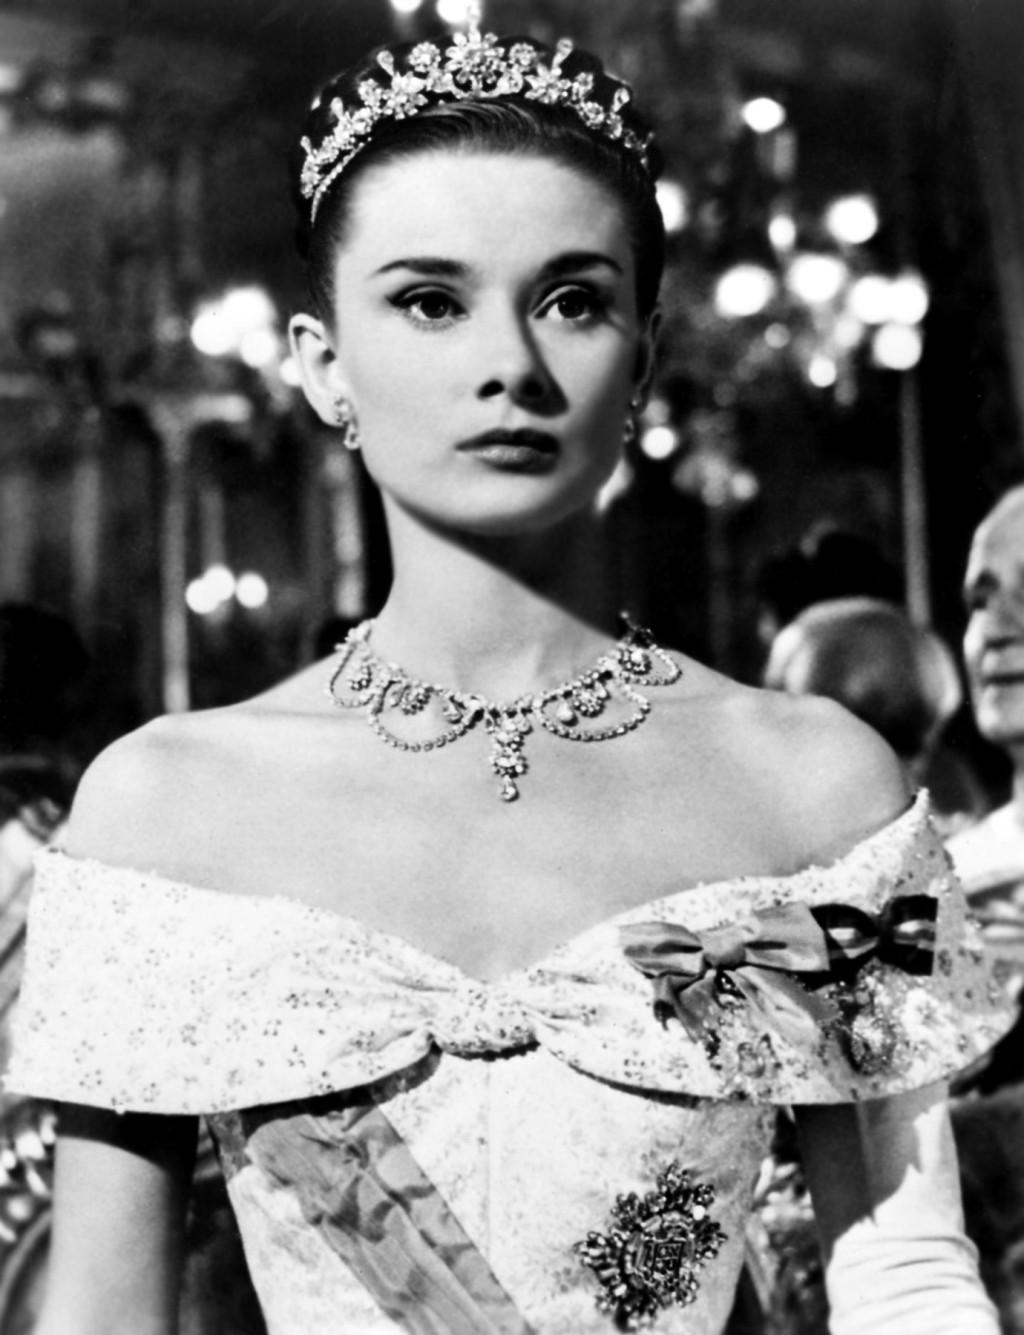 Audrey Hepburn Tiara HD Wallpaper Celebrities Wallpapers 1024x1335